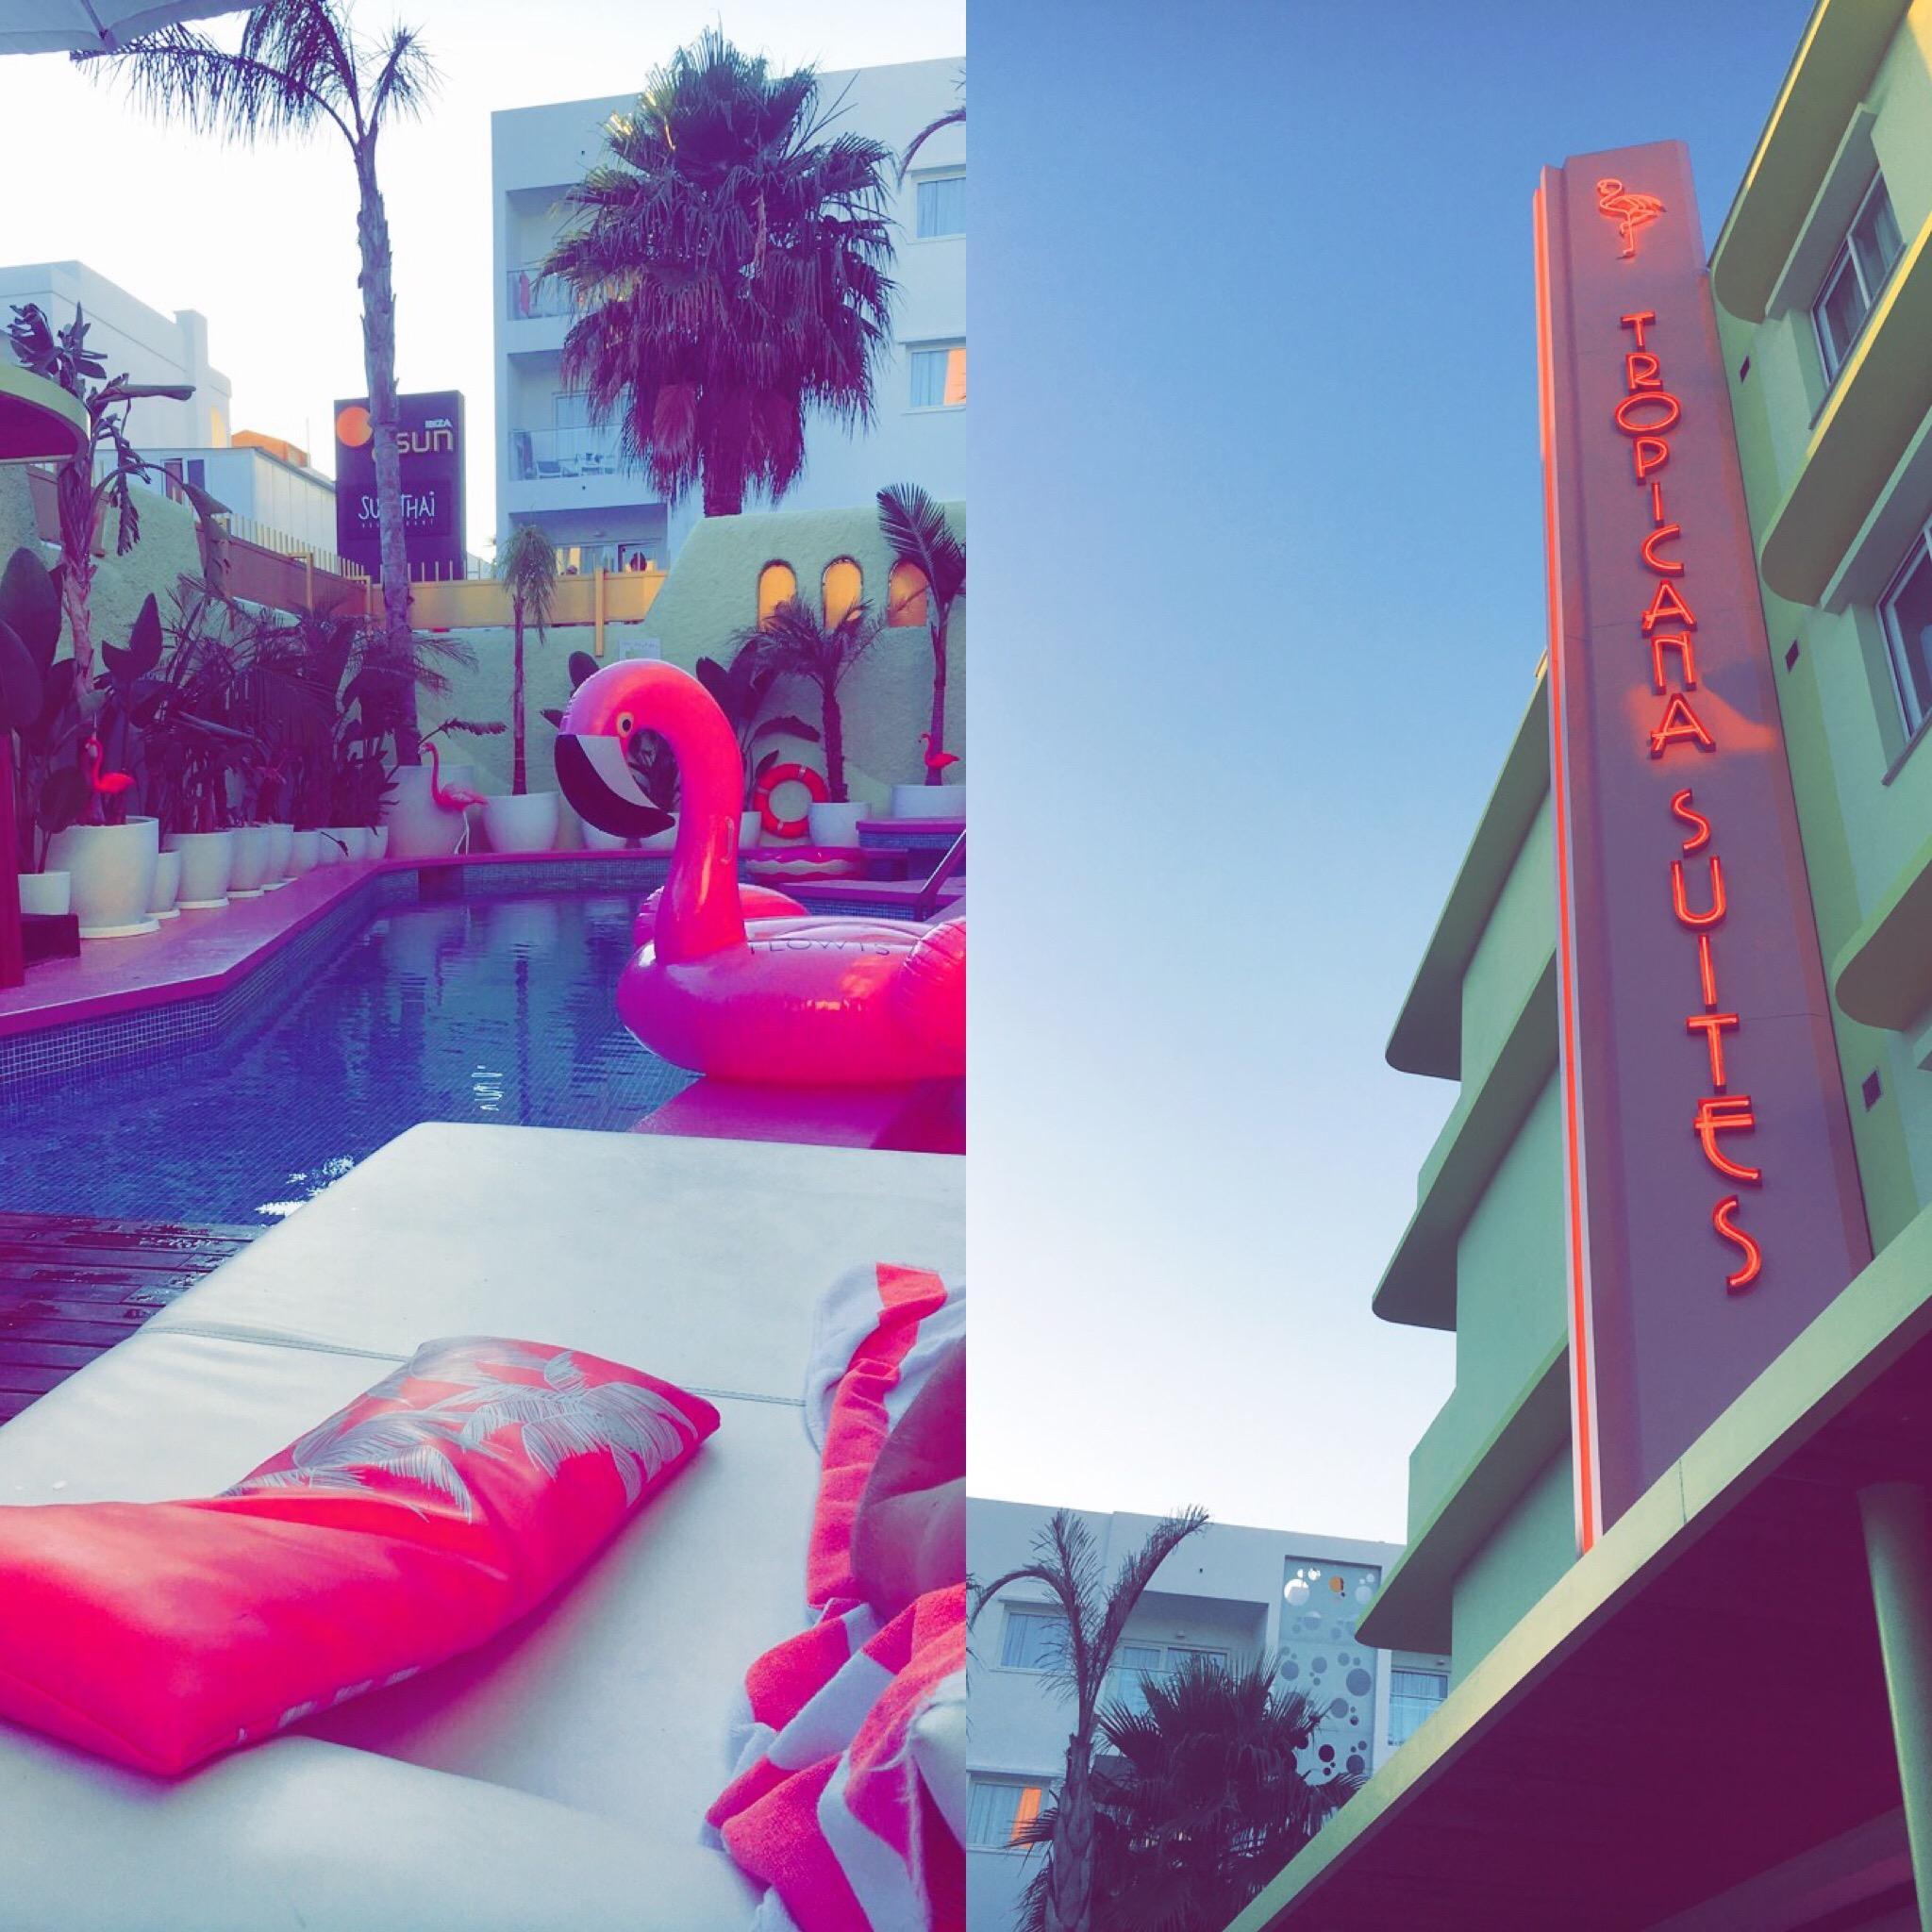 Stylisches Hotel!